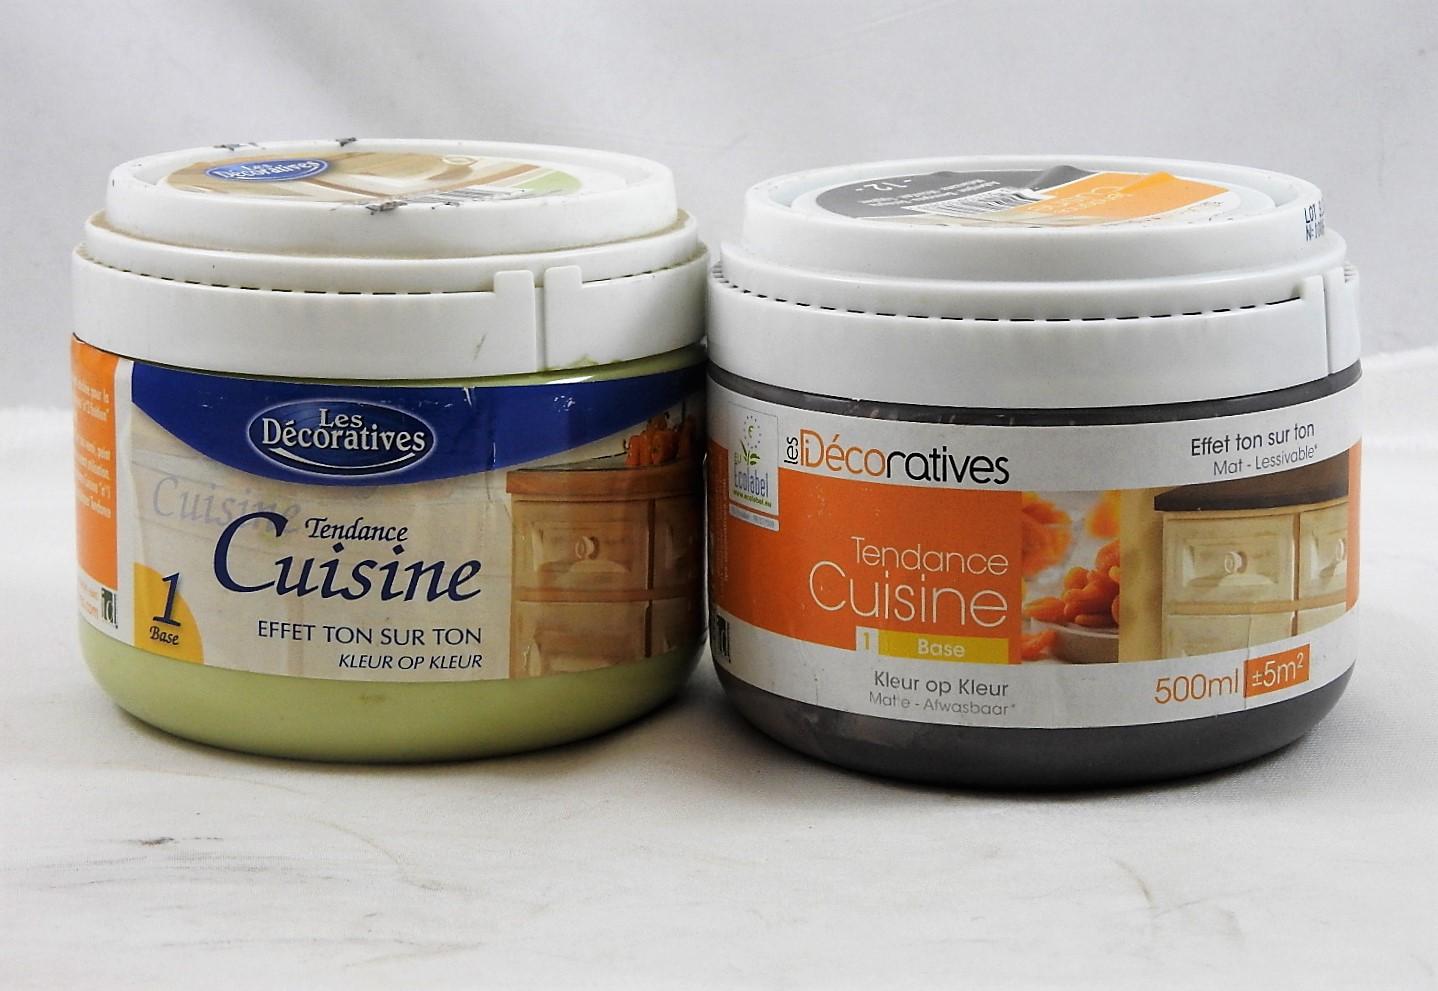 Peinture les decoratives cuisine for Peinture les decoratives